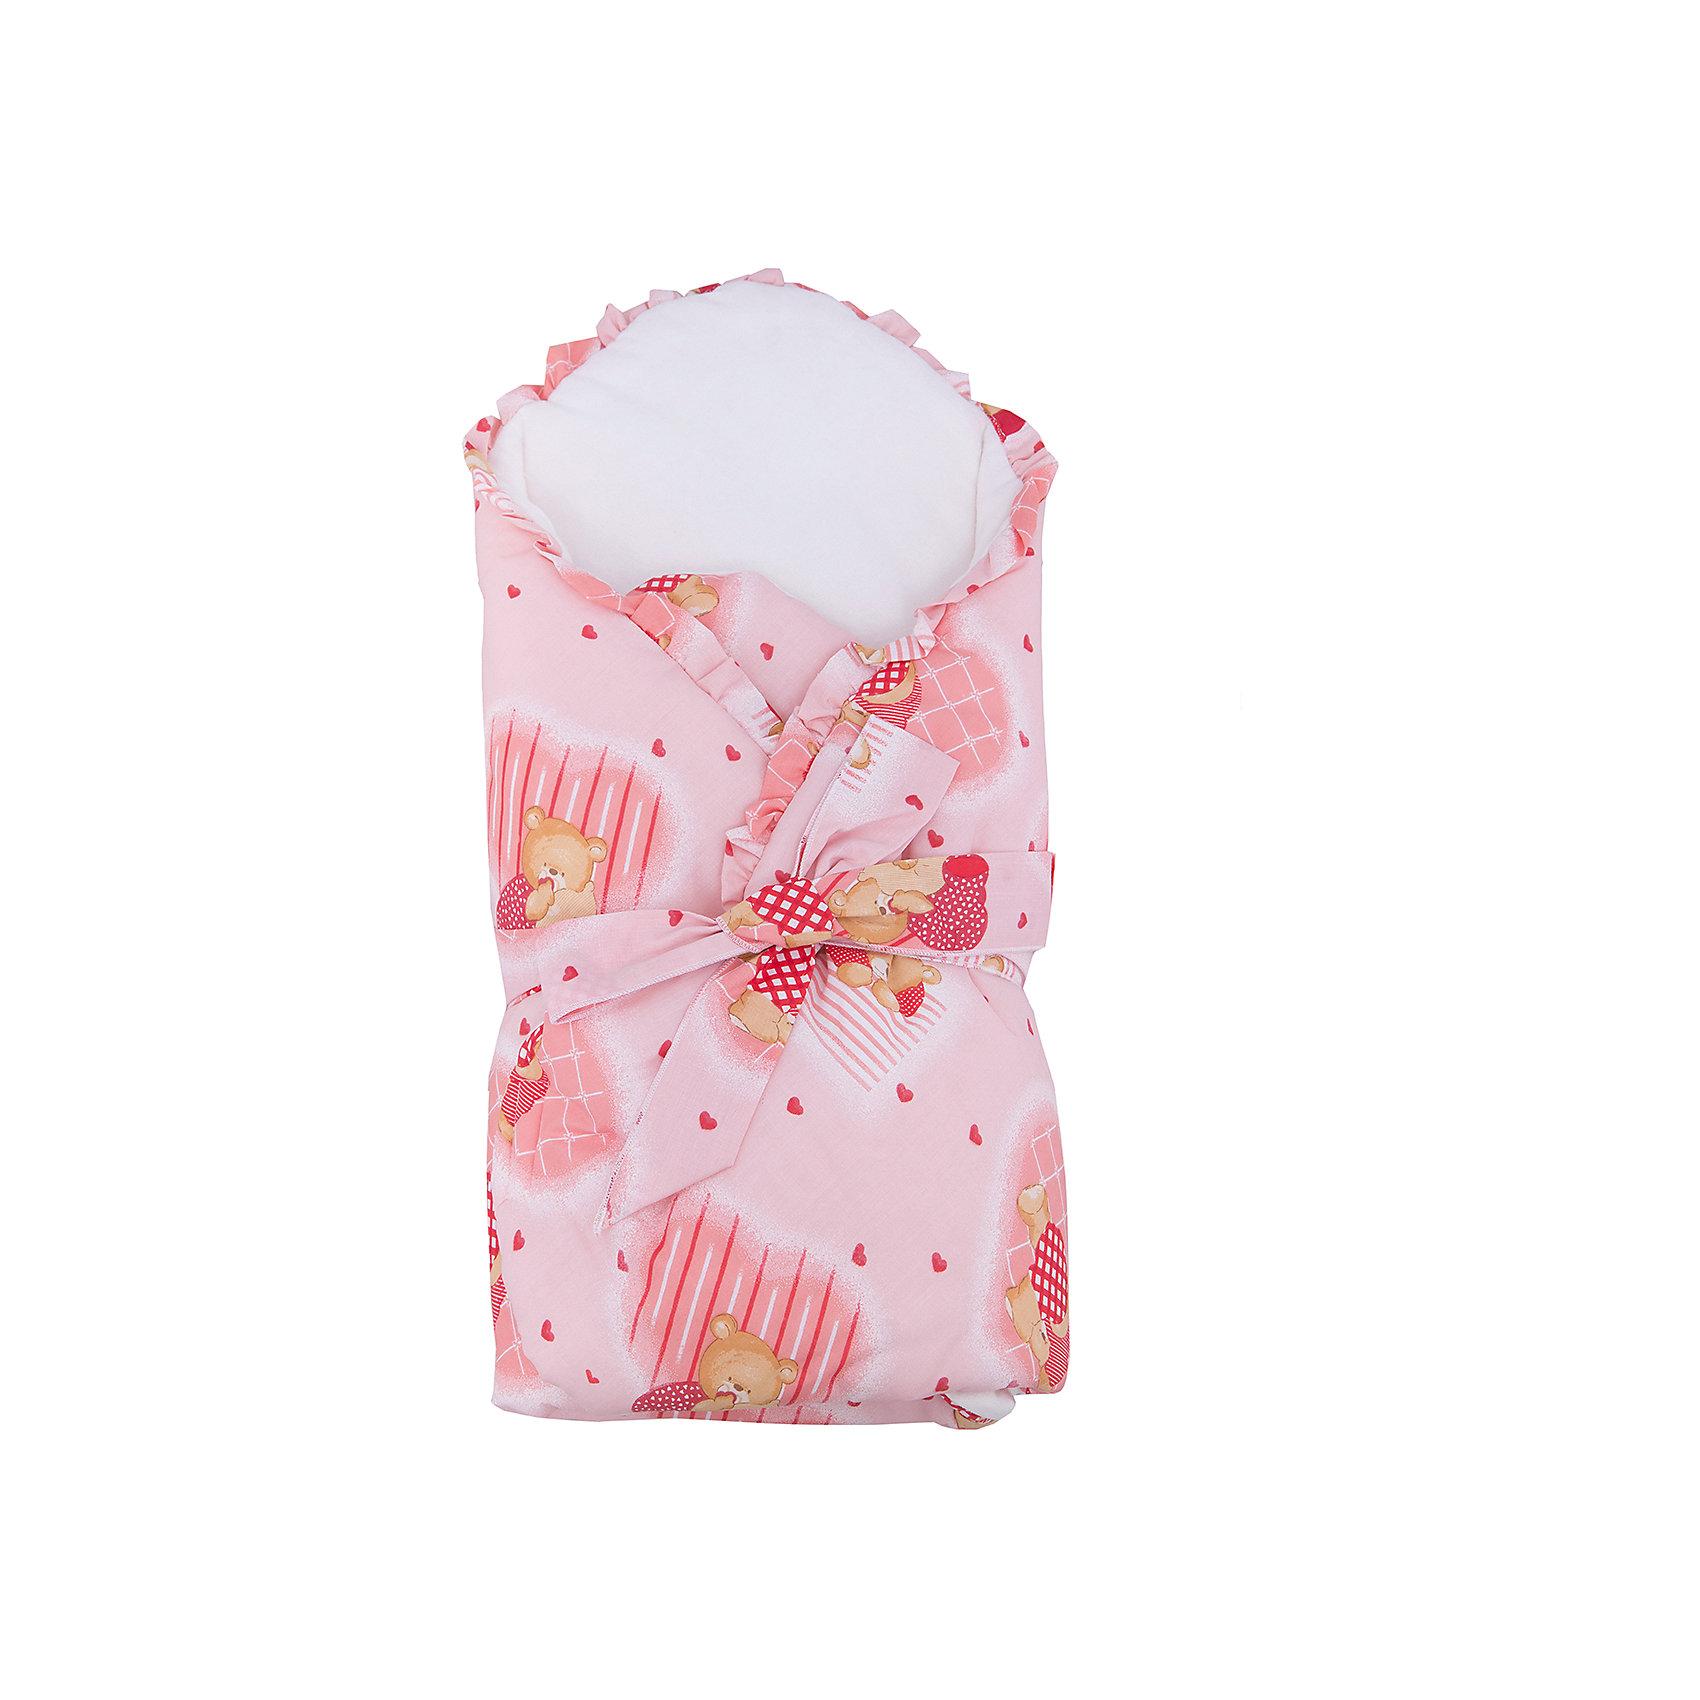 Конверт-одеяло в коляску, Бимоша, светло-розовыйКонверт-одеяло в коляску, Бимоша, прекрасно подойдет как на выписку малыша, так и для прогулок в коляске в прохладную погоду. Конверт выполнен из высококачественных материалов, нежная мягкая ткань не раздражает чувствительную и нежную кожу малыша, хорошо пропускает воздух и сохраняет тепло. Съёмный поролоновый вкладыш надежно поддерживает спинку ребенка в комфортном положении. Верх конверта изготовлен из приятной хлопковой ткани, подкладка из мягкой фланели, наполнитель - синтепон. Конверт имеет нарядный привлекательный дизайн в нежных светло-розовых тонах и украшен принтом с забавными мишками и рюшами по краям. Надежно закрепляется застежкой на липучке и завязкой на бант. Конверт полностью раскладывается и его можно использовать как мягкое и уютное детское<br>одеяло, вынув вкладыш. <br><br>Дополнительная информация:<br><br>- Цвет: светло-розовый.<br>- Сезон: весна-осень.<br>- Материал: верх конверта - 65% хлопок 35% полиэстер, подкладка - фланель (100% хлопок), утеплитель - синтепон 200г/м?. <br>- Размер: 80 х 80 см.<br>- Вес: 0,5 кг.<br><br>Конверт-одеяло в коляску, Бимоша, светло-розовый, можно купить в нашем интернет-магазине.<br><br>Ширина мм: 800<br>Глубина мм: 800<br>Высота мм: 50<br>Вес г: 500<br>Возраст от месяцев: 0<br>Возраст до месяцев: 24<br>Пол: Женский<br>Возраст: Детский<br>SKU: 4645568